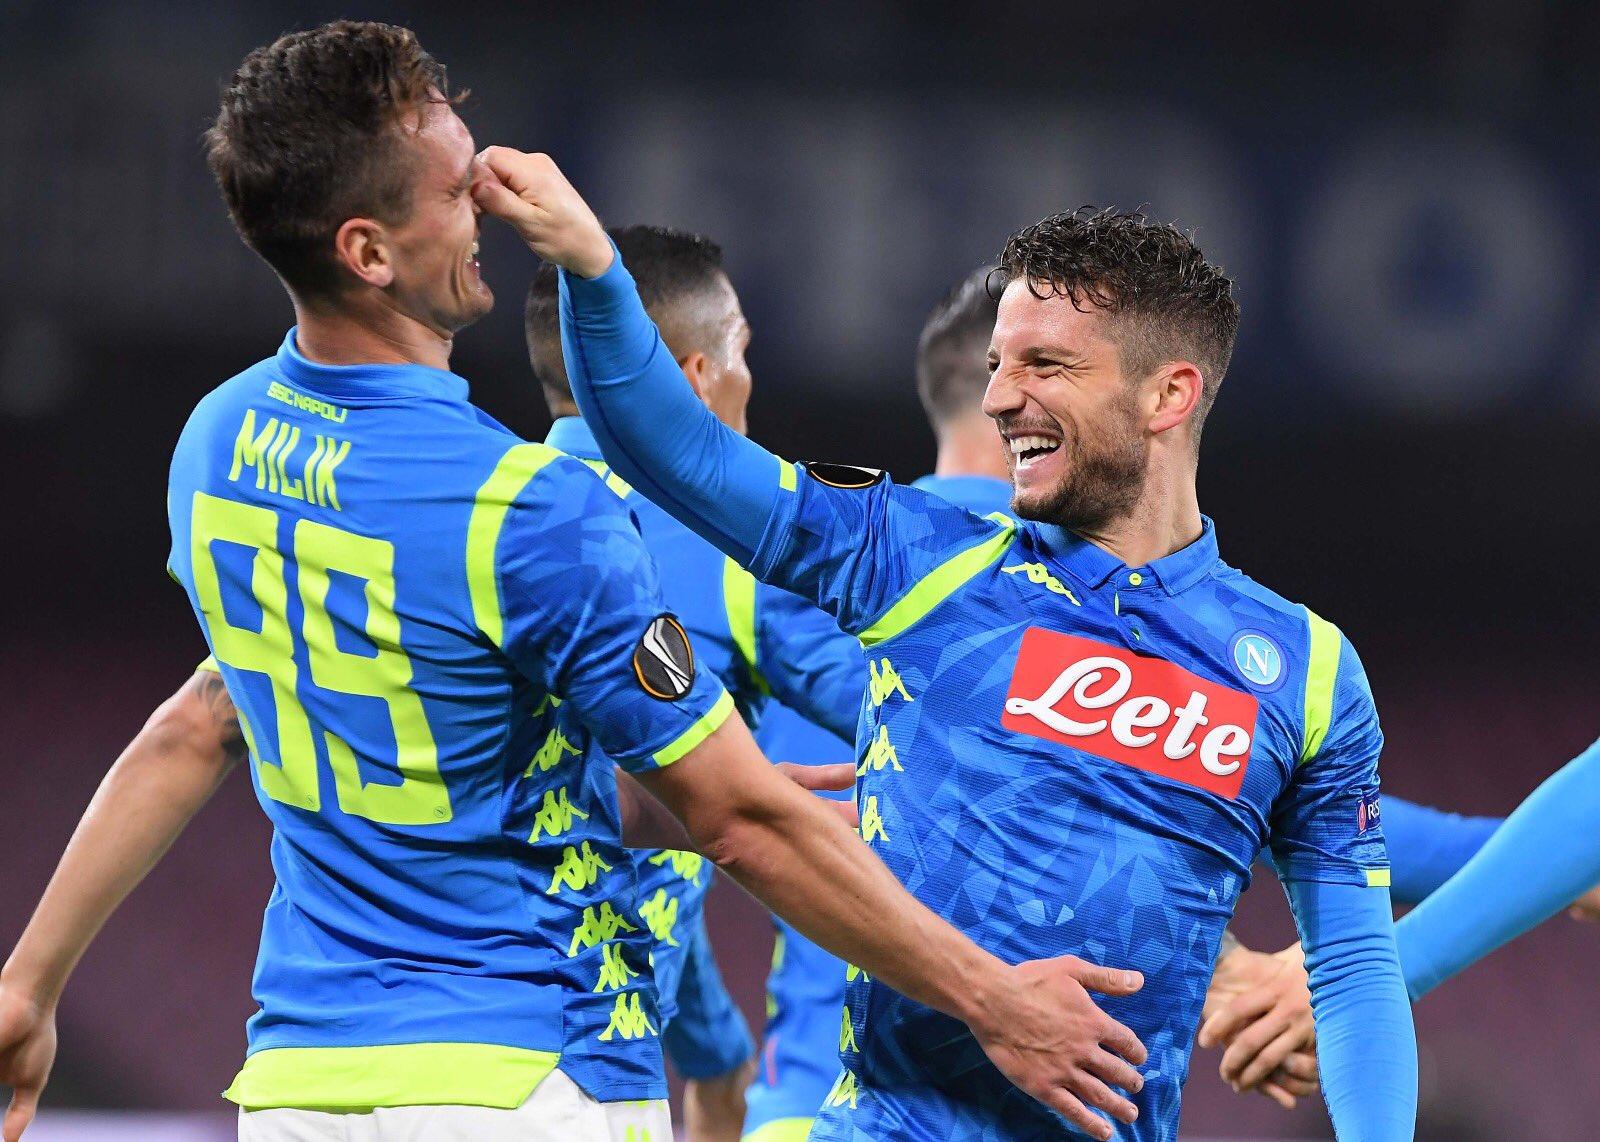 Napoli-Salisburgo 3-0, per Corriere e Gazzetta quarti in cassaforte